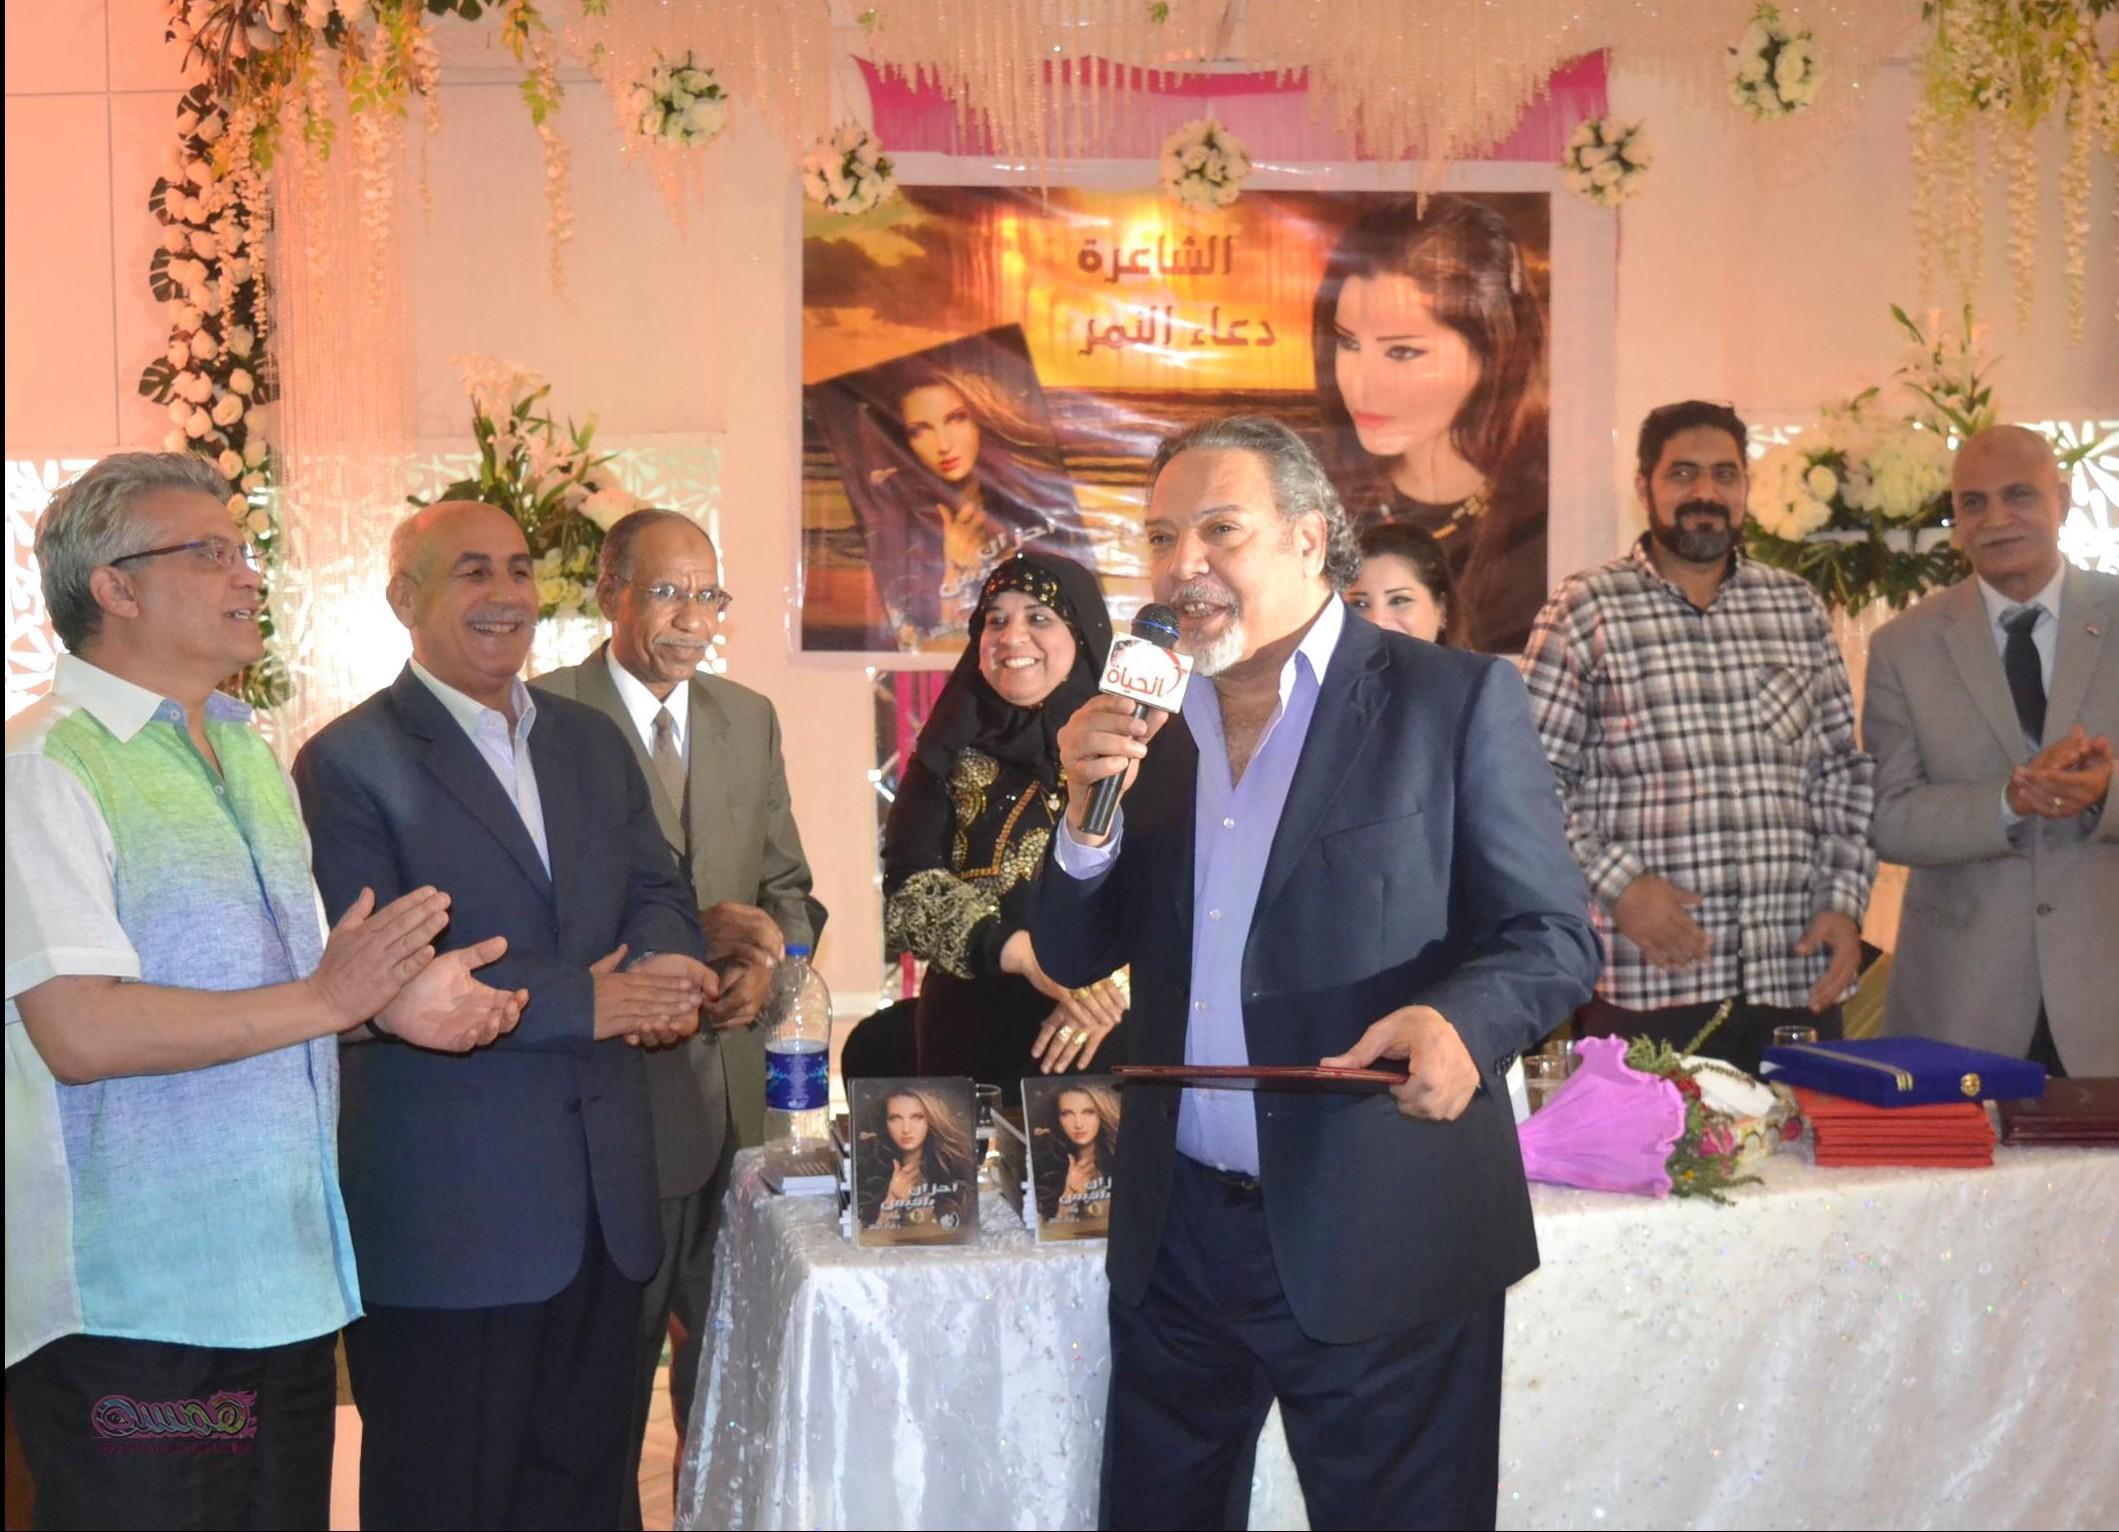 دعاء النمر تحتفل بأحزان بلقيس وسط كوكبة من الشعراء والإعلاميين ورجال الدولة